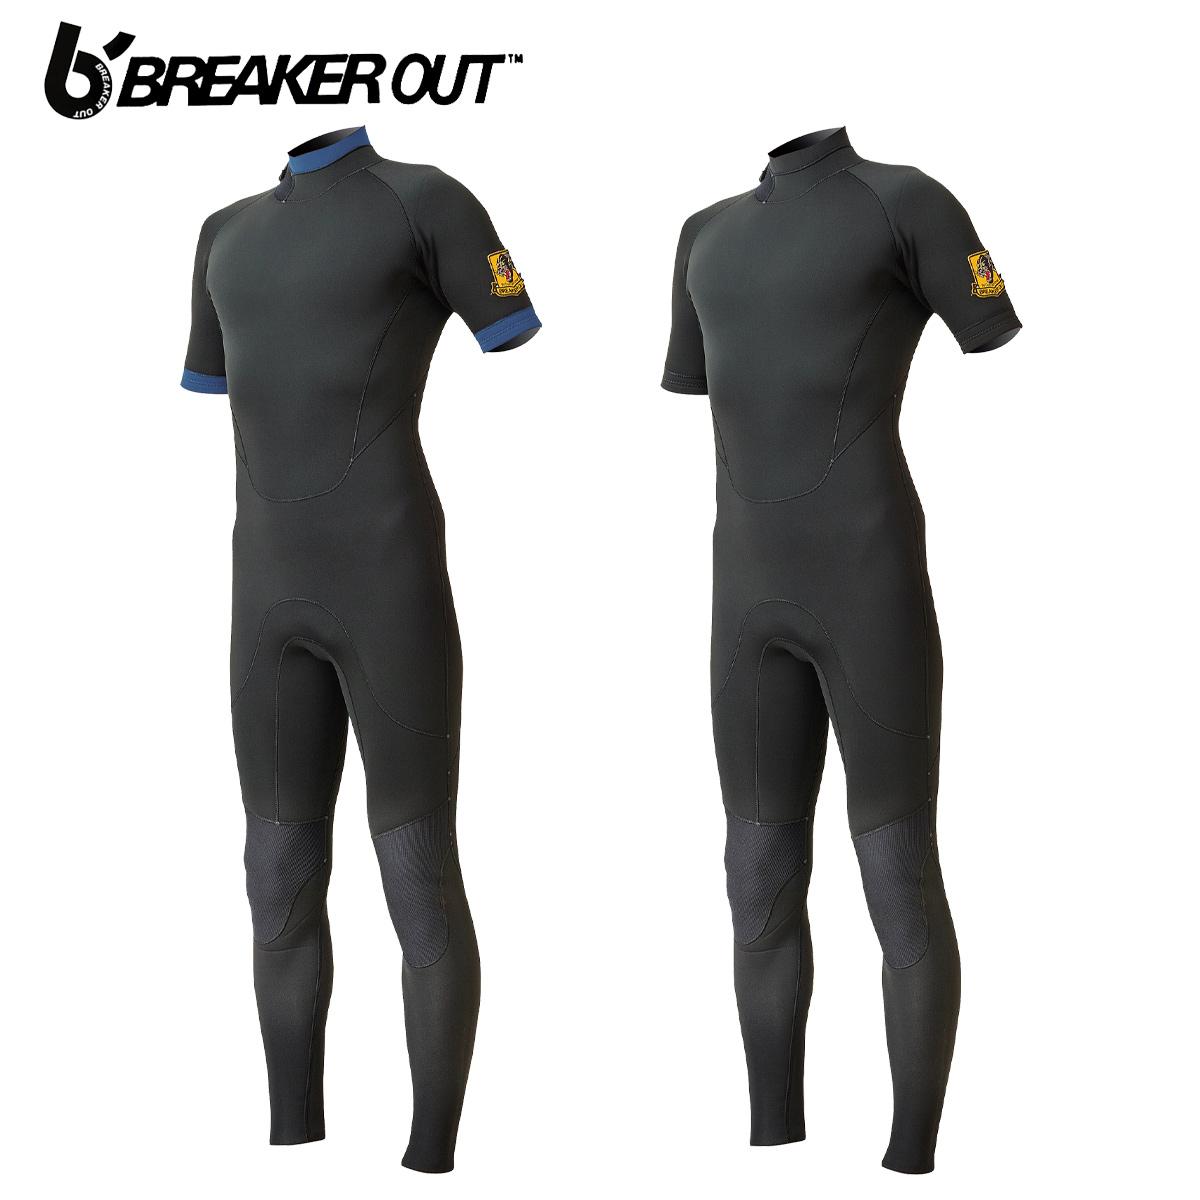 ブレーカーアウト ウェットスーツ メンズ シーガル パンテーラ 正規品 2020モデル BREAKER OUT WET SUITS Seagull PANTHERA サーフ サーフィン